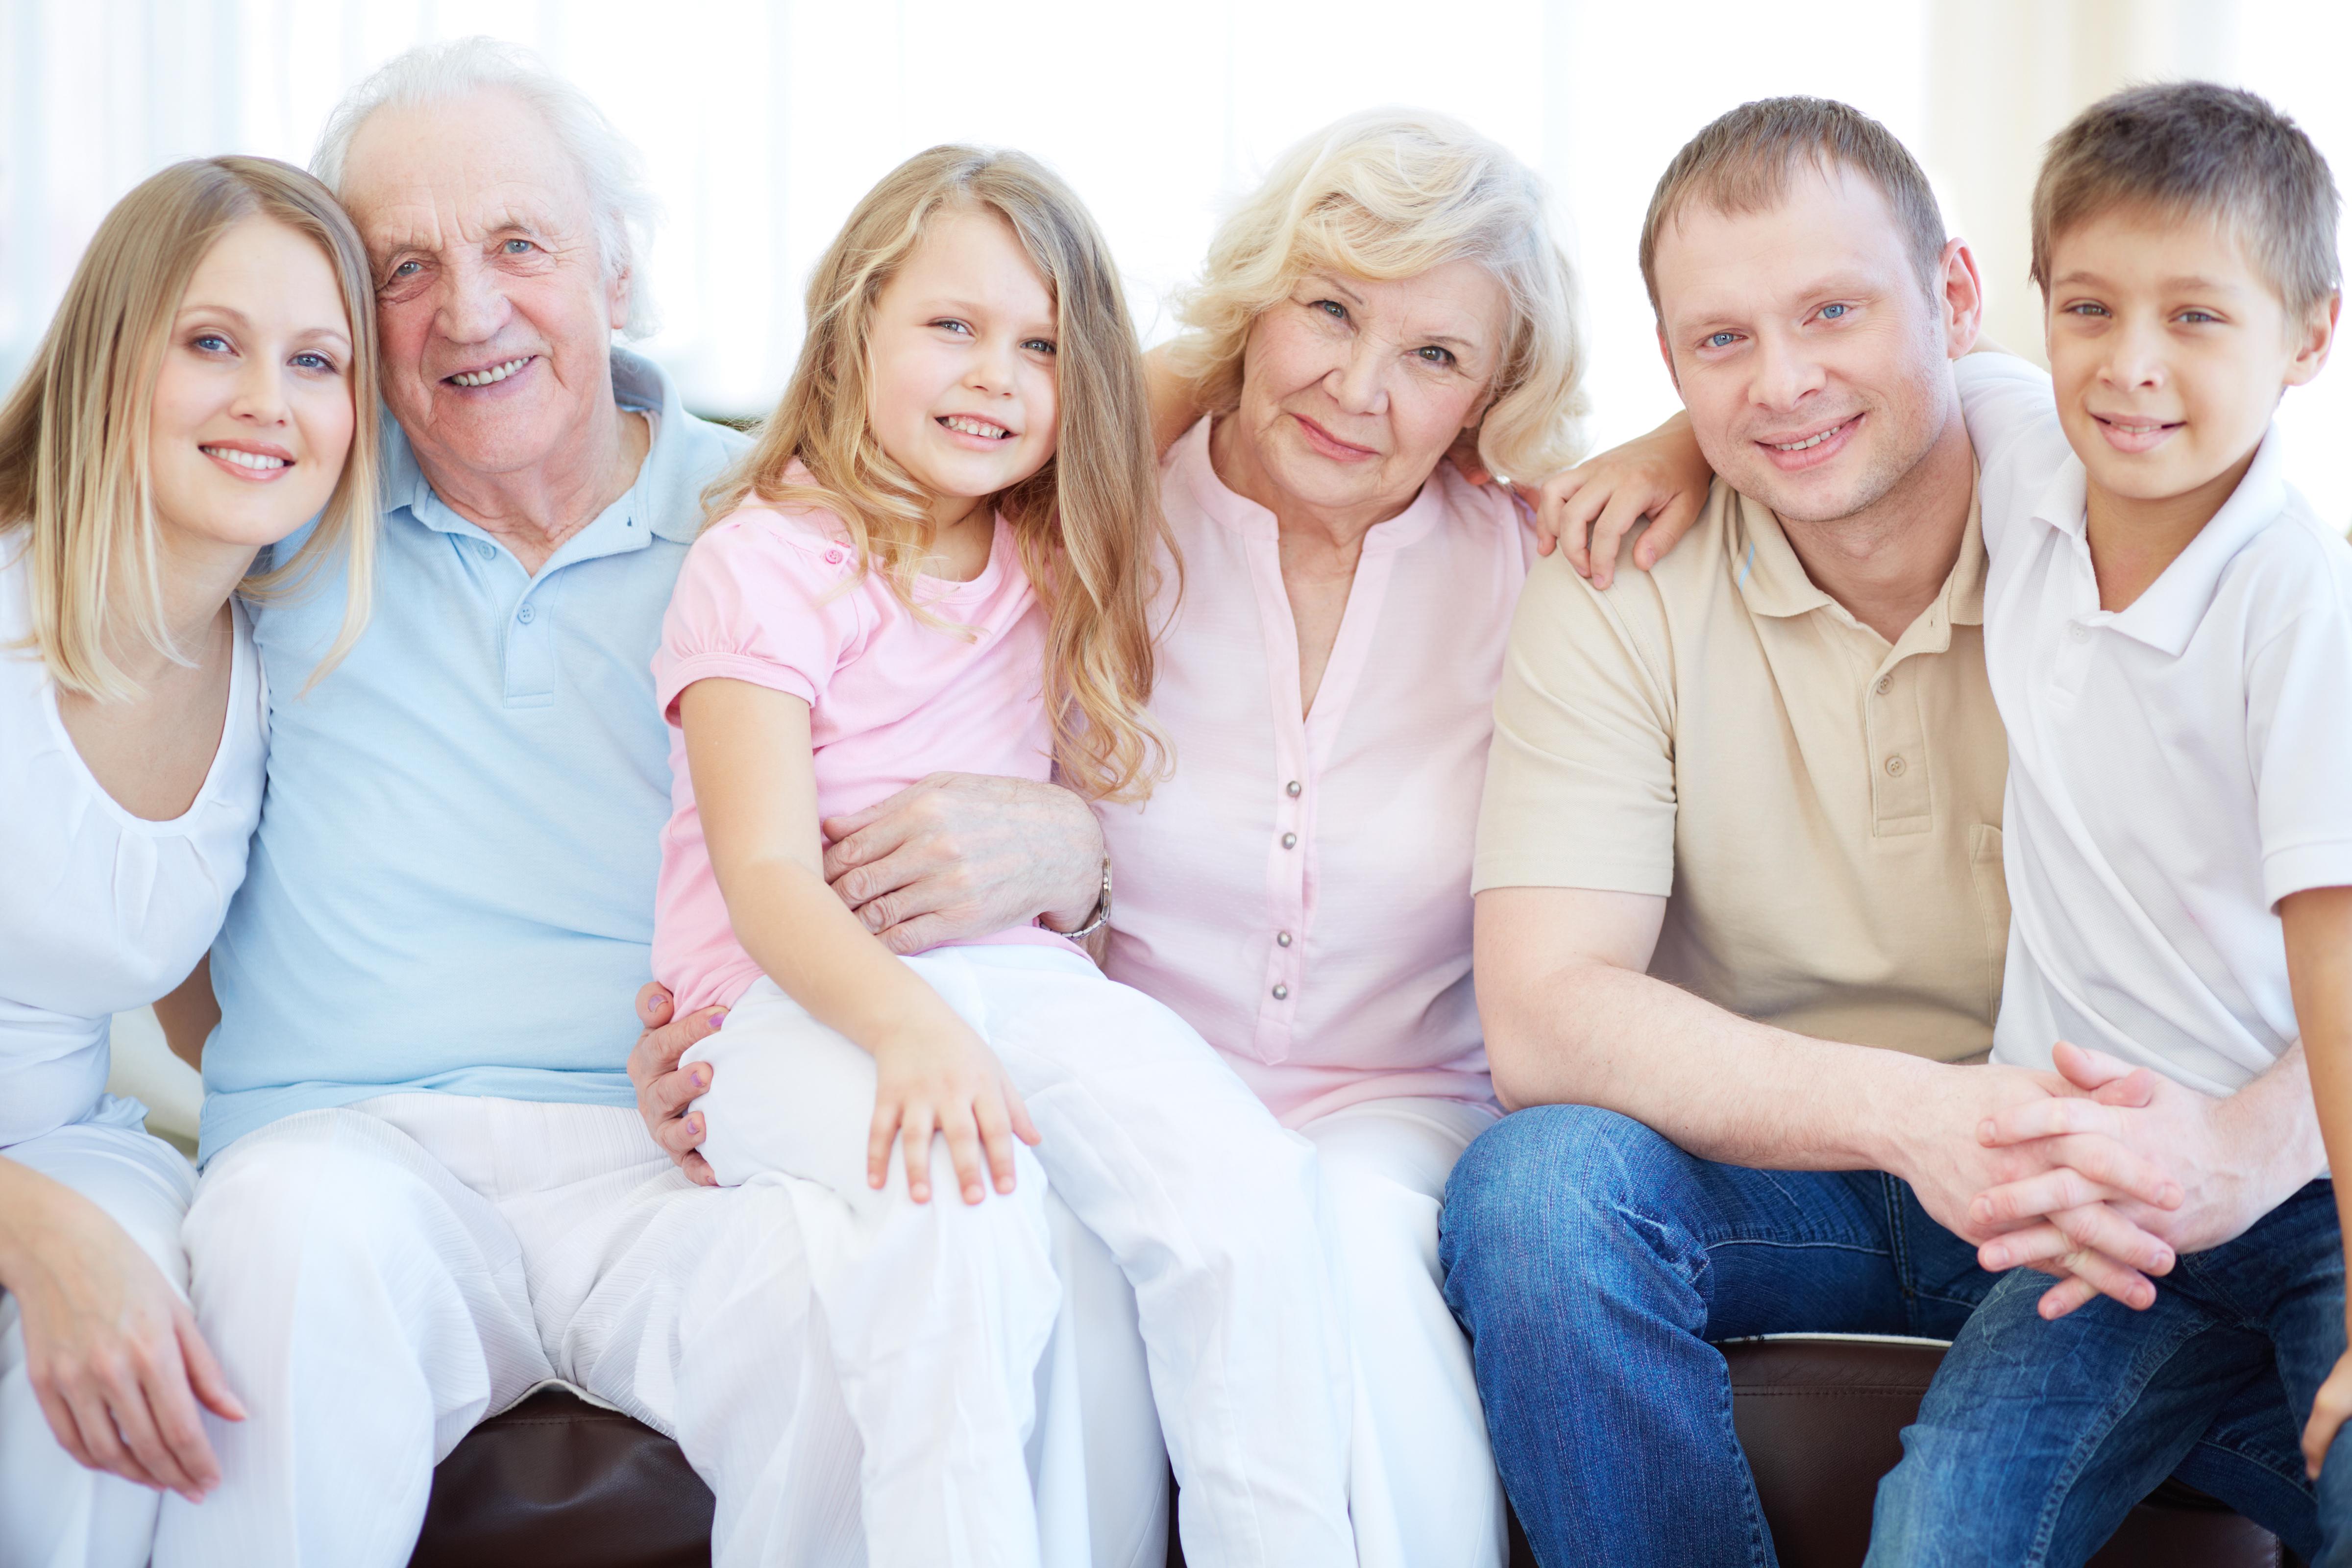 8 Cosas Que Deberías Decirles a Tus Padres Antes De Que Sea Demasiado Tarde, 4